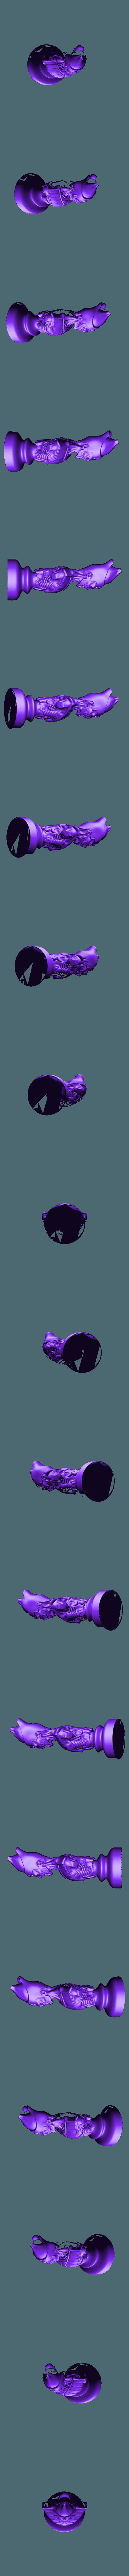 undead bishop.stl Télécharger fichier STL gratuit Les échecs égyptiens : vivants ou morts • Modèle à imprimer en 3D, MartinHaurane